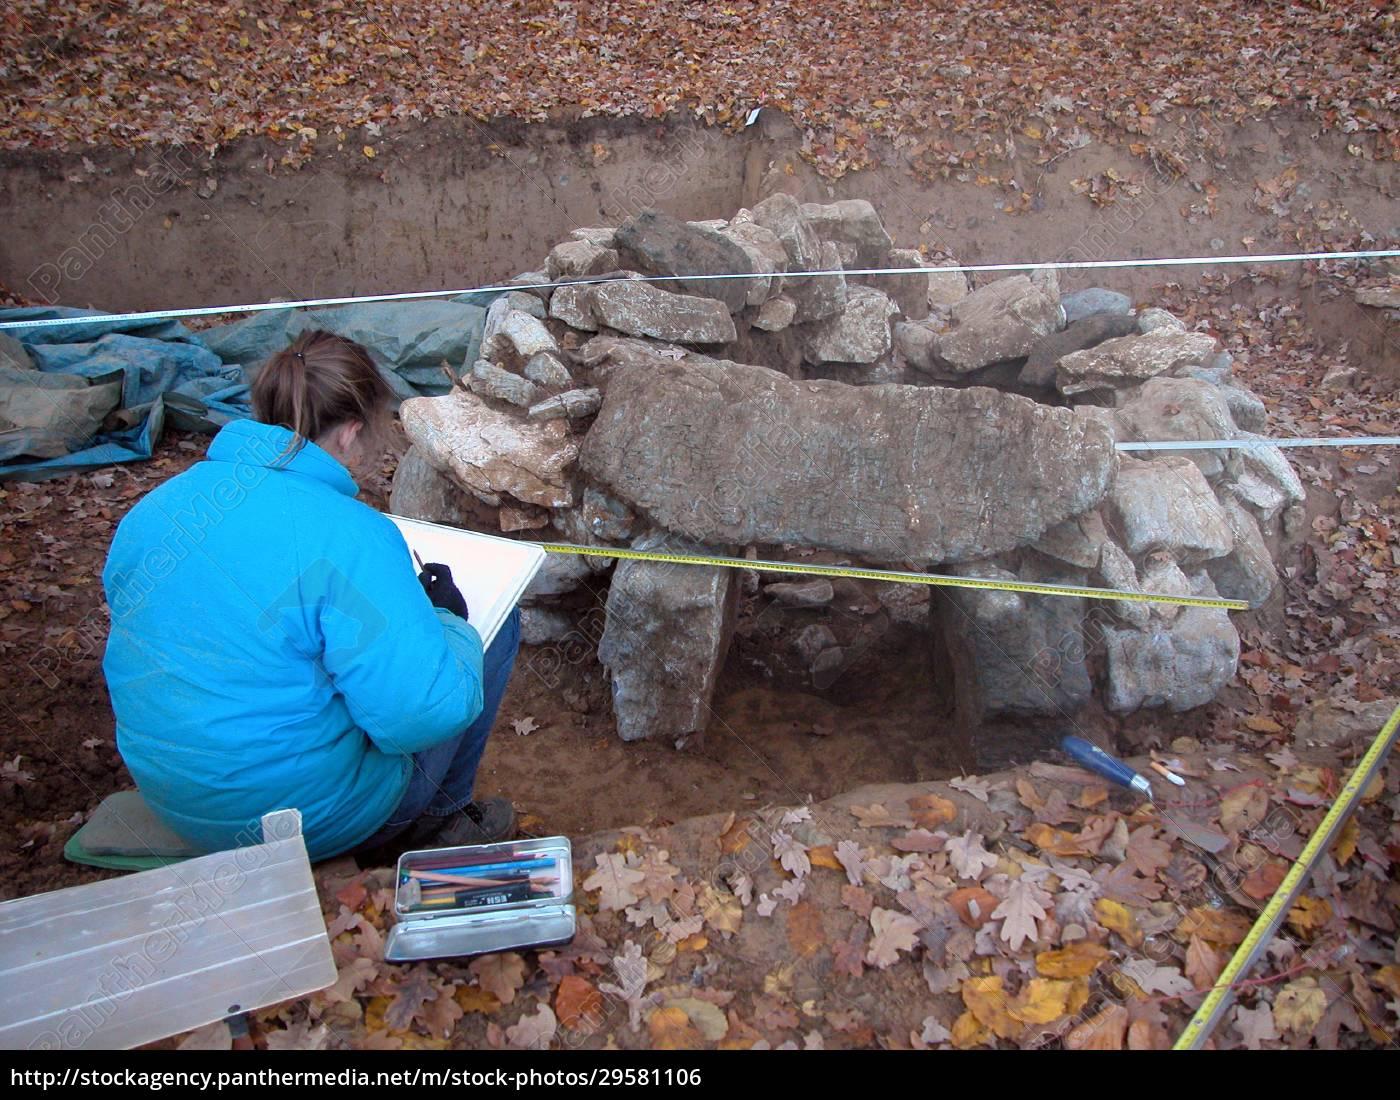 keltische, kulturfunde, und, archäologische, ausgrabungen - 29581106